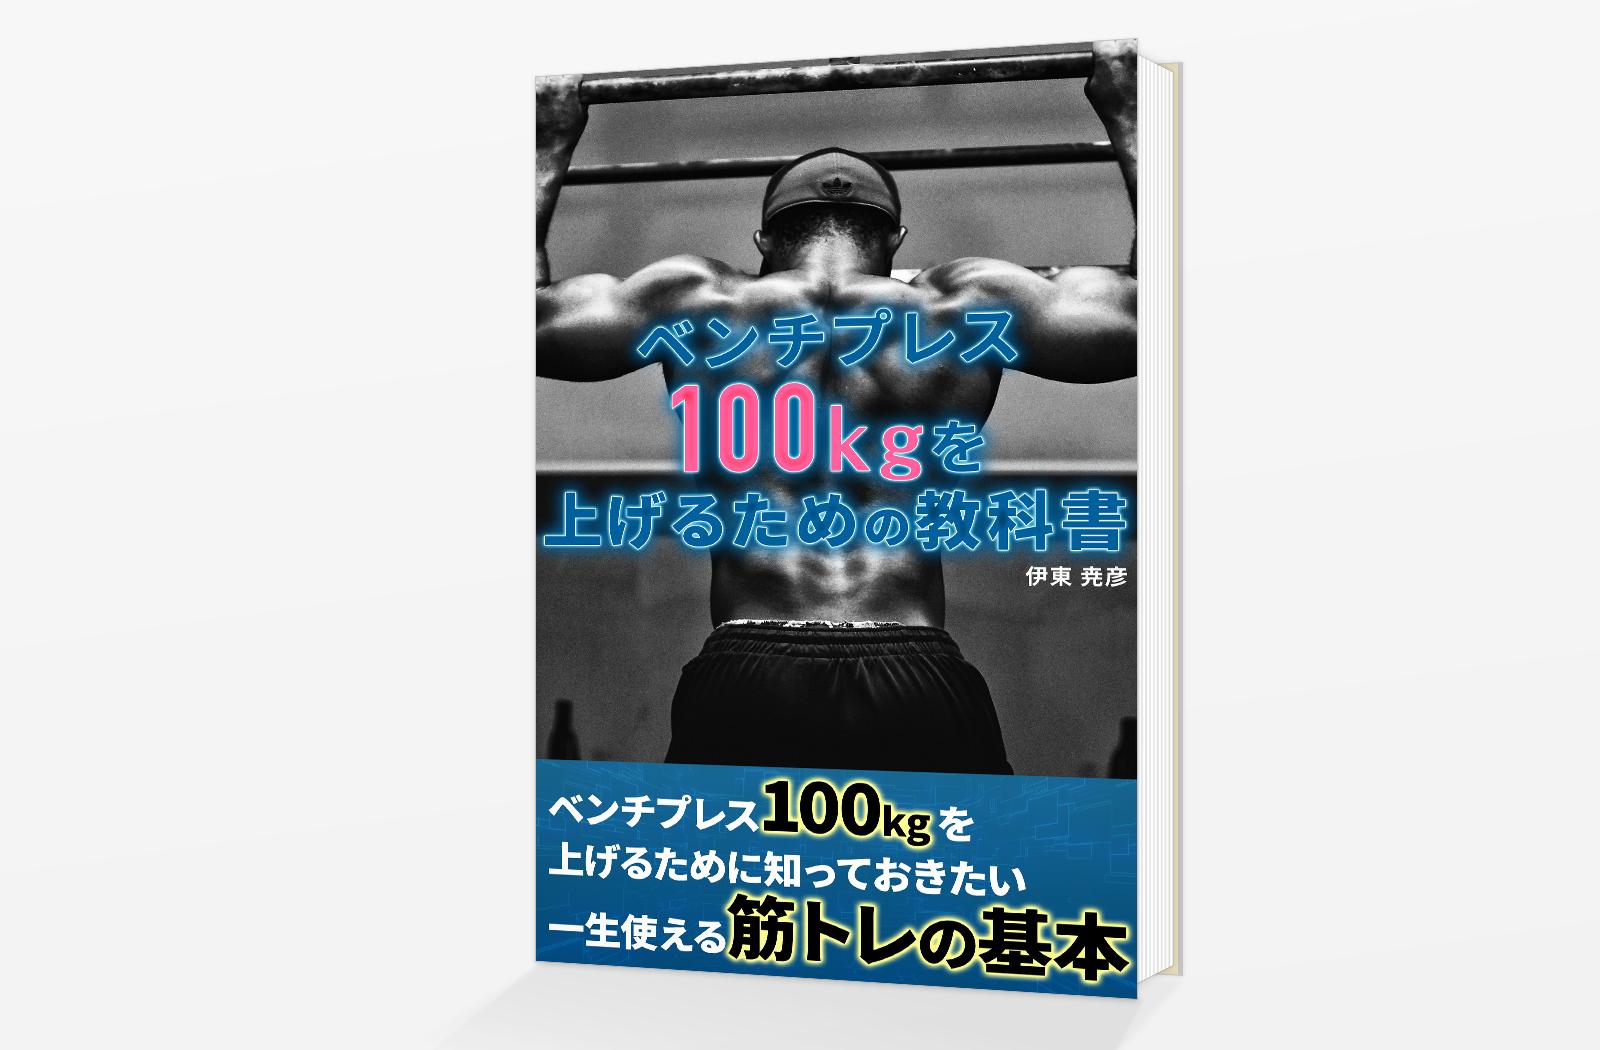 ベンチプレス100kgを上げるための教科書1